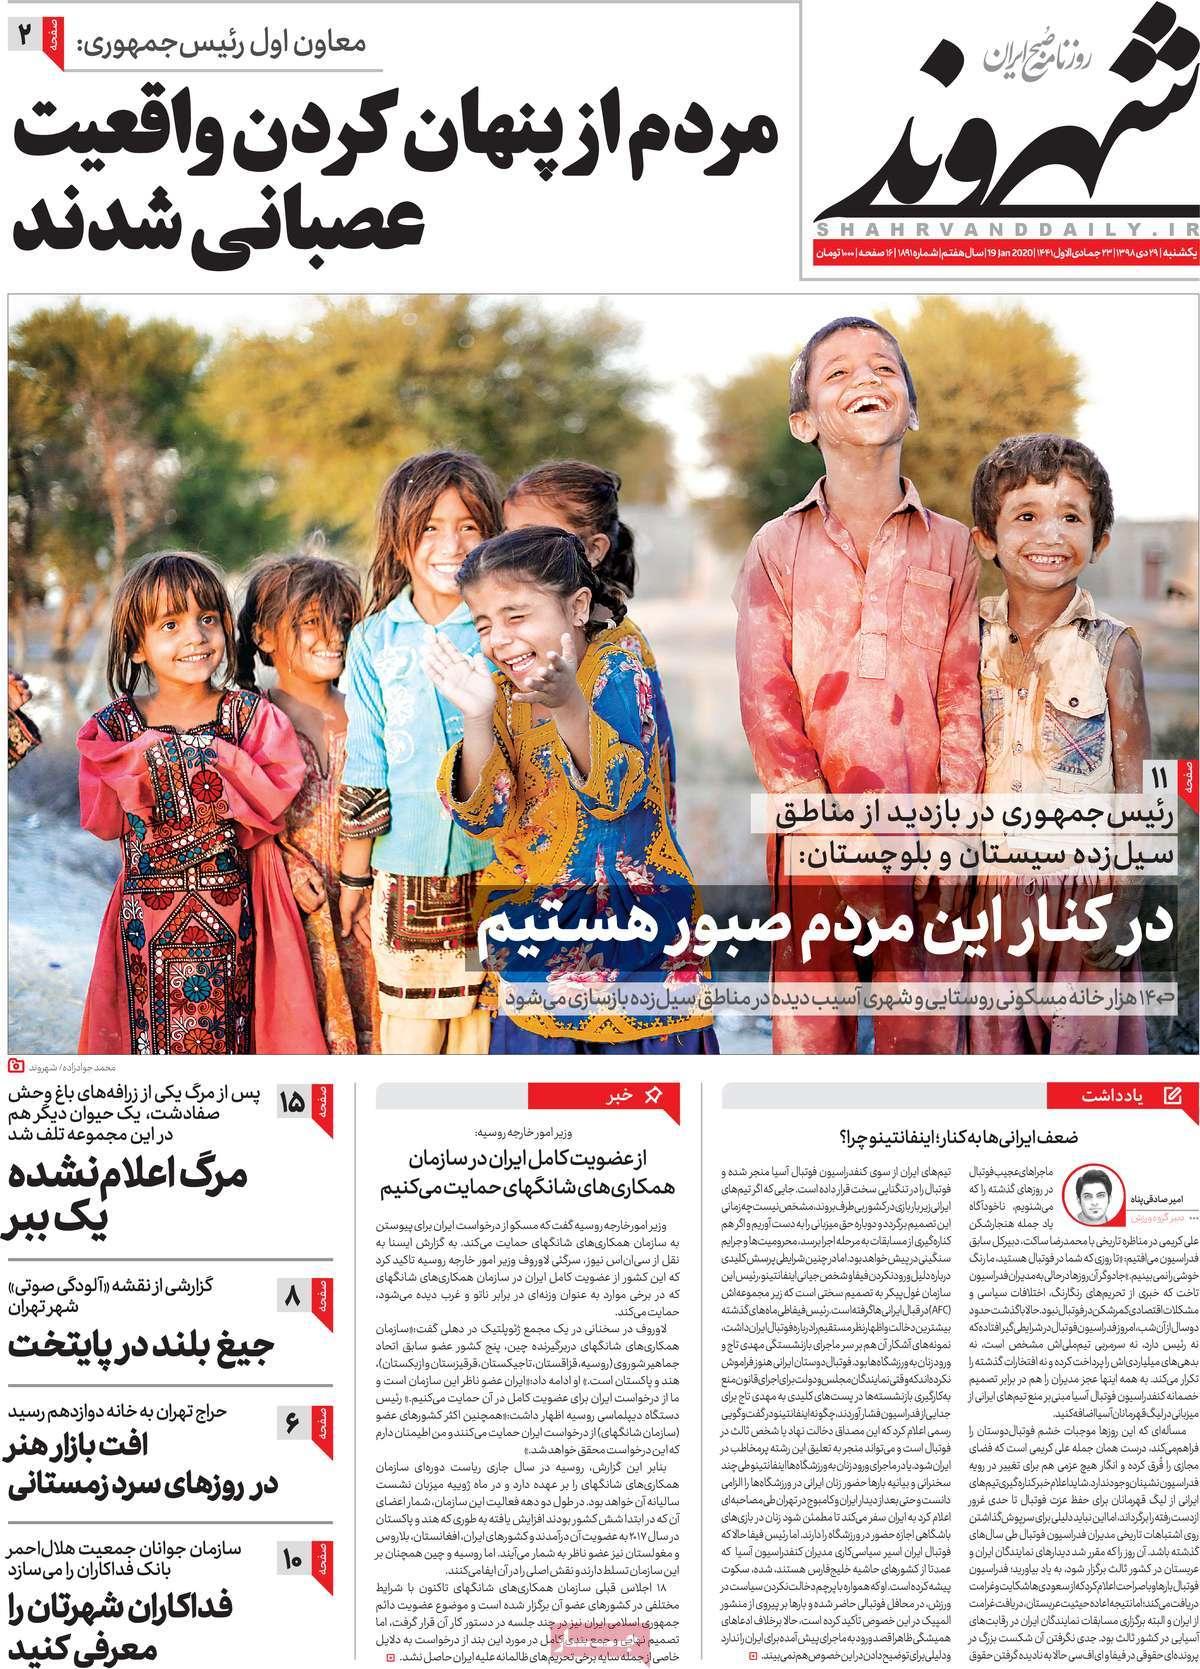 eddb904a عناوین روزنامه های امروز یکشنبه 29 دی 98 + تصویر